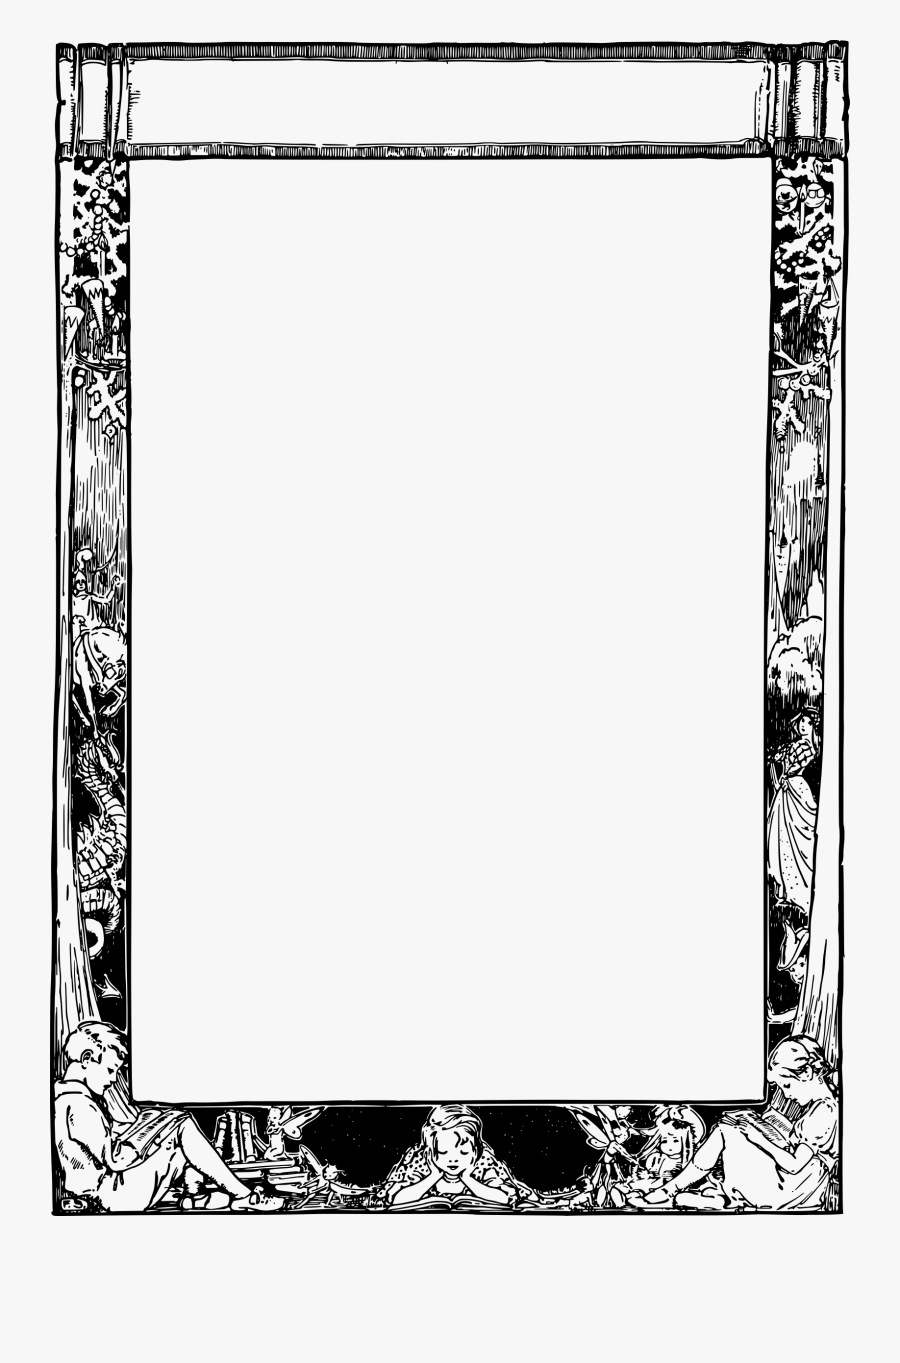 Storybook Frame Clip Arts.